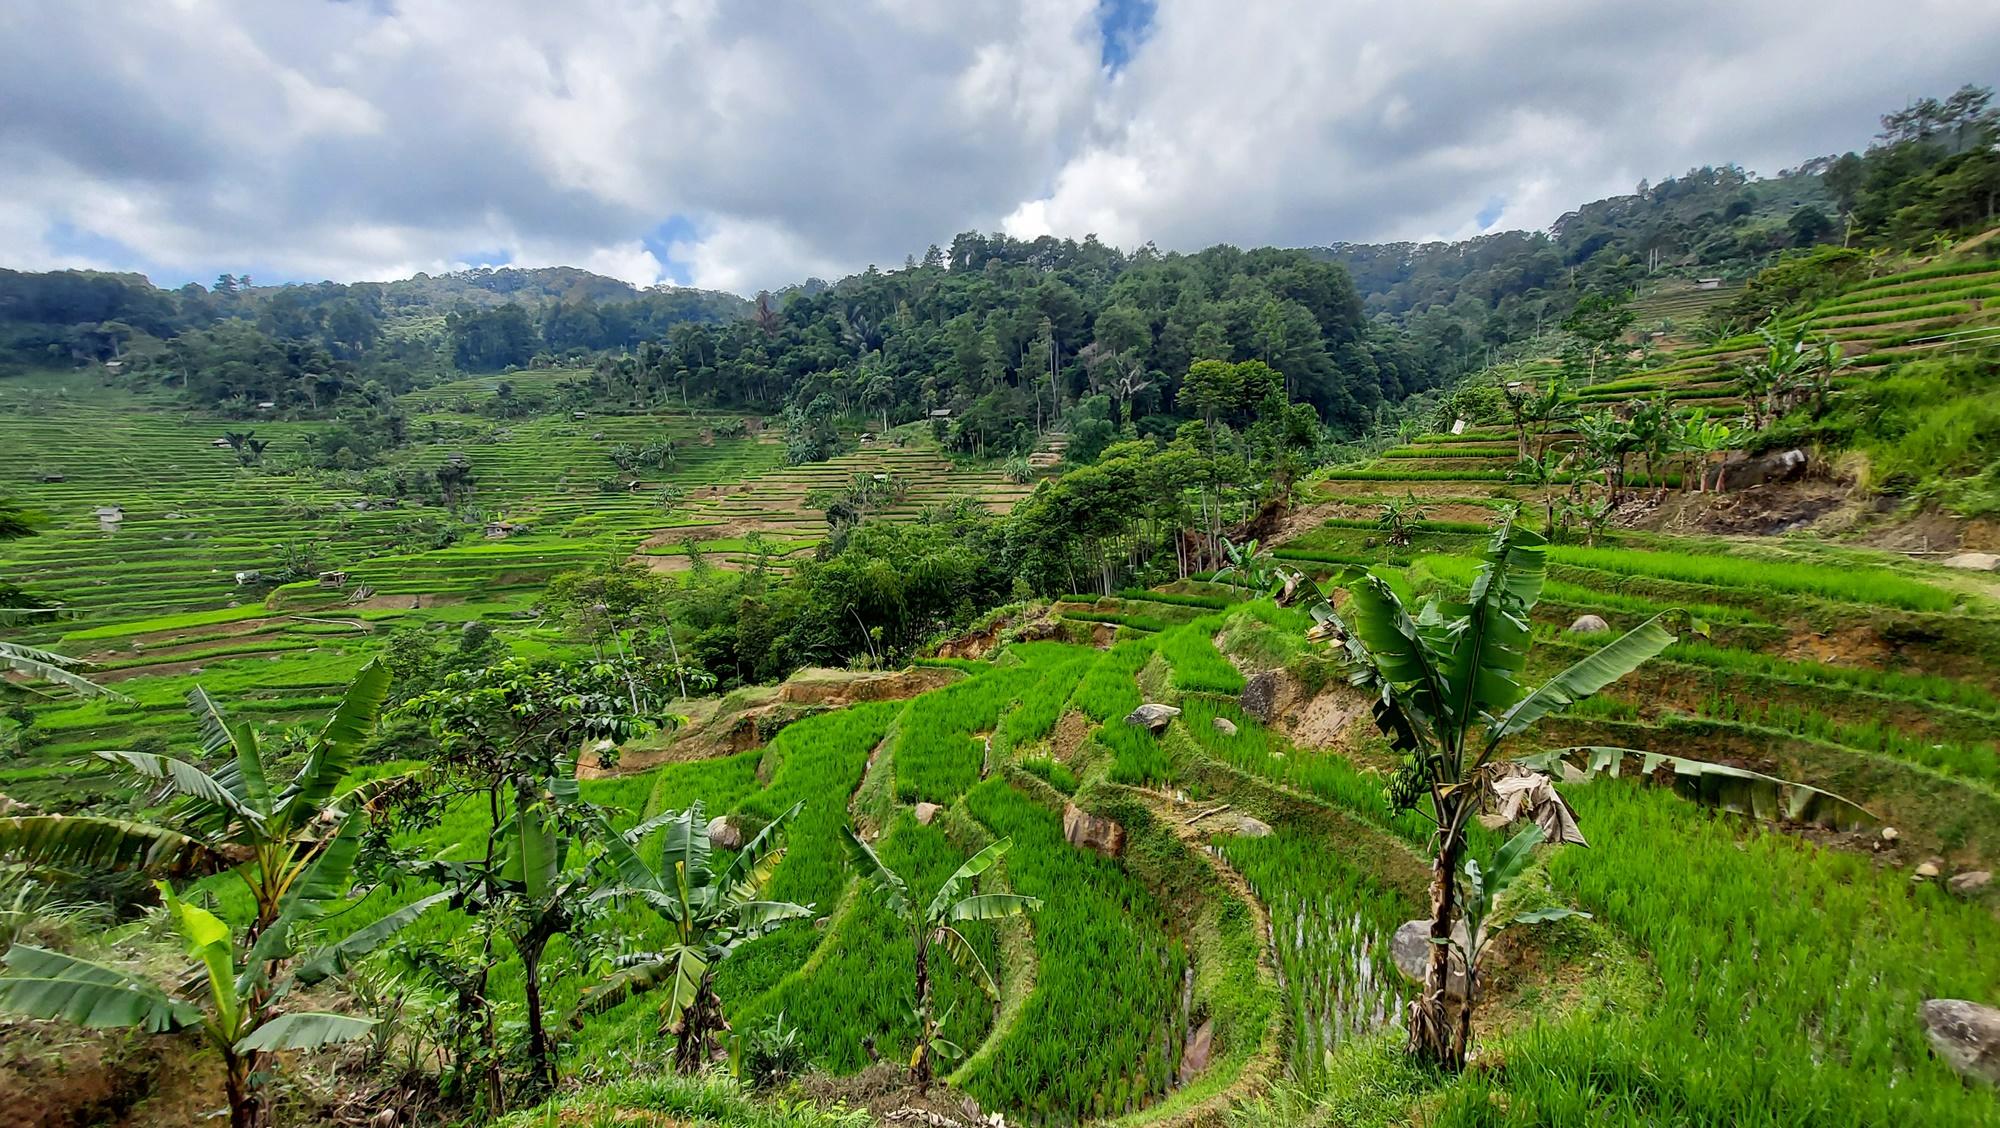 Terasering sawah yang mempesona di Desa Wisata Malasari